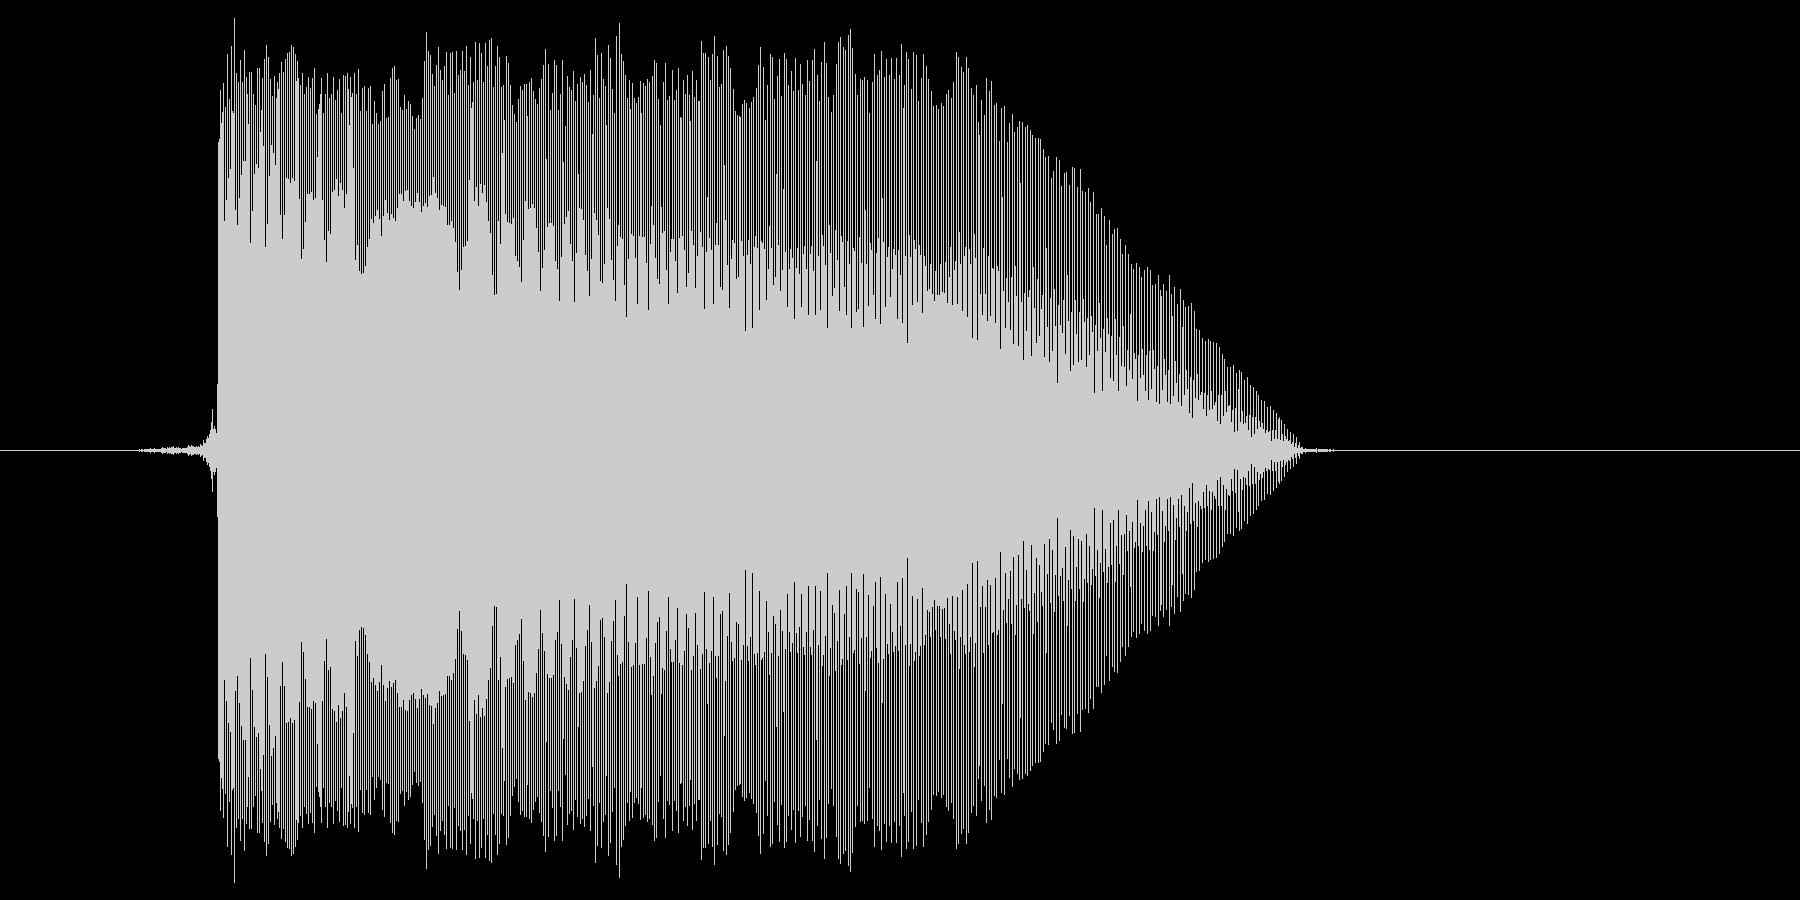 ゲーム(ファミコン風)レーザー音_046の未再生の波形